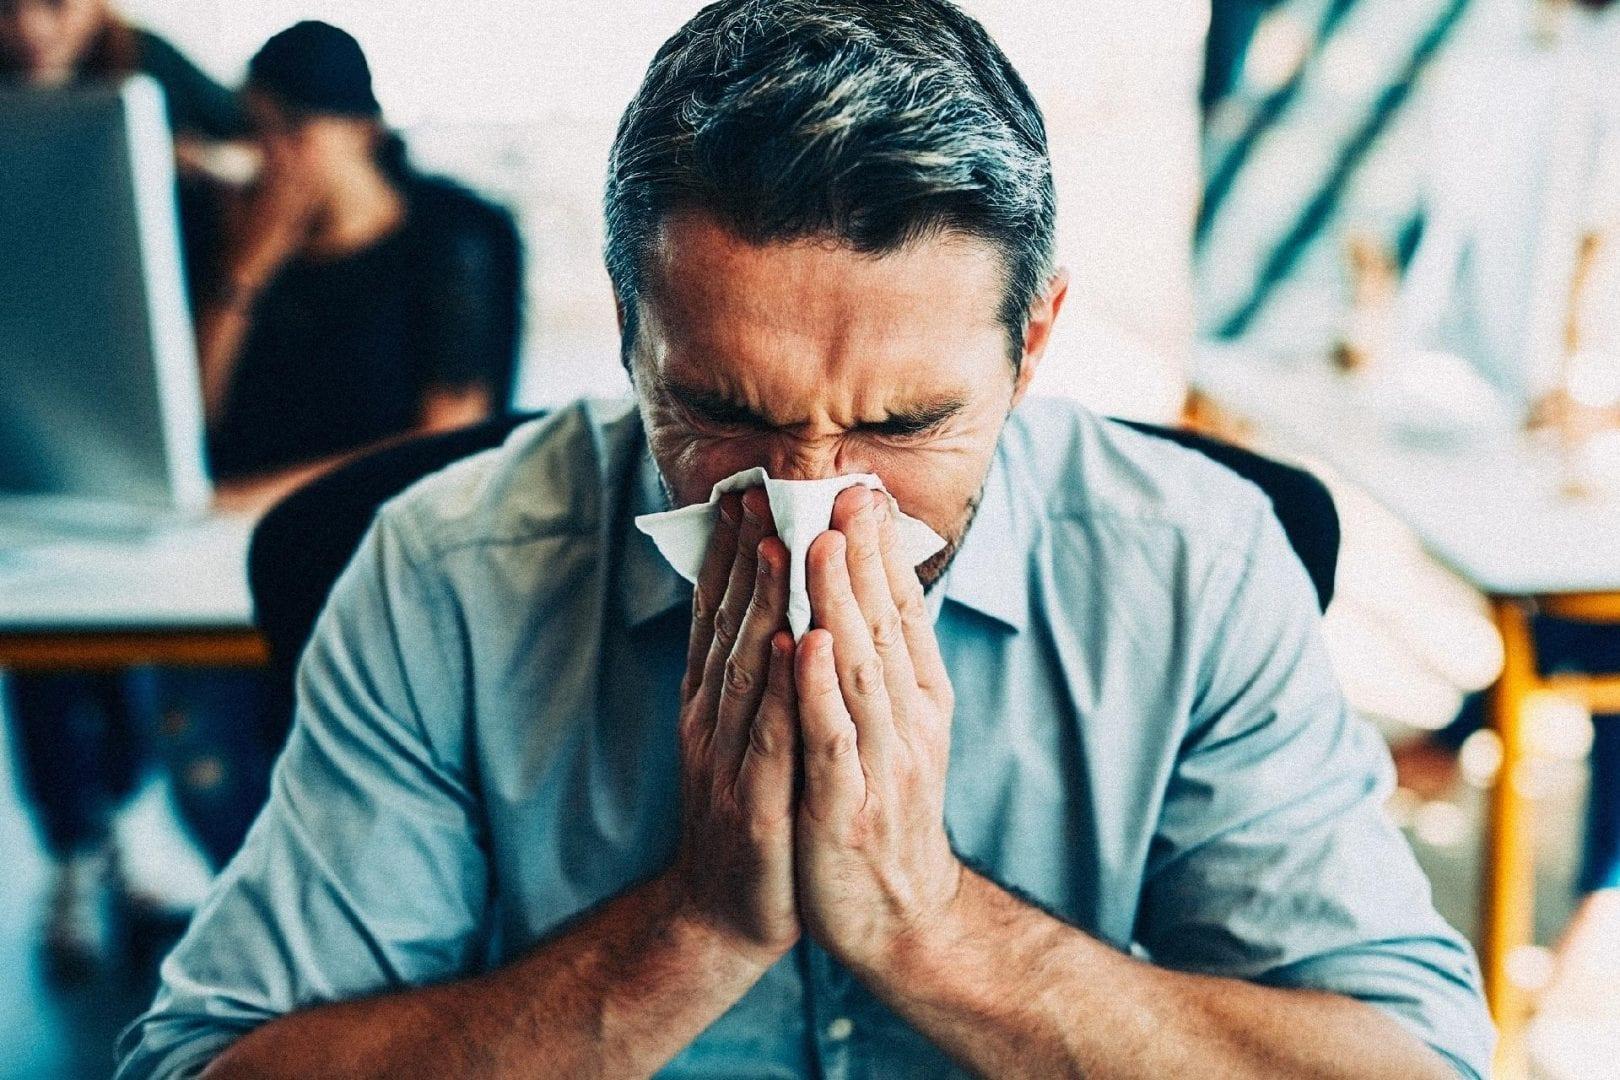 Resfriado - Tratamentos, causas, remédios, prevenção e mais informações